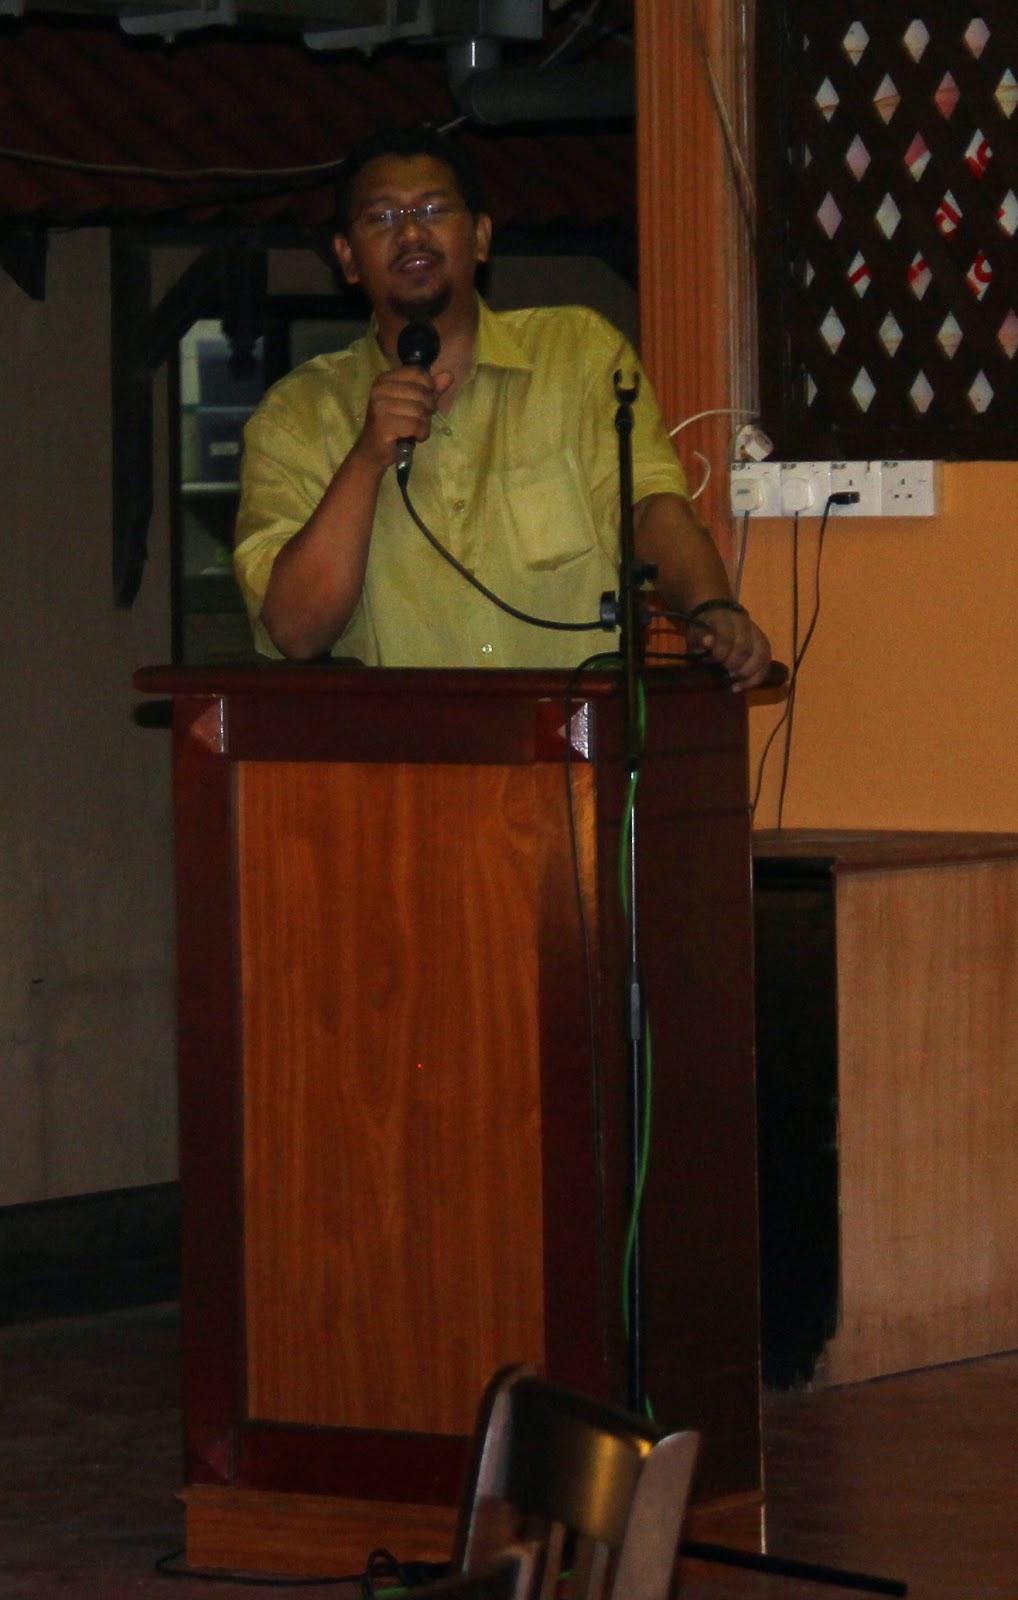 En Ahmad Suhaimi - Guru Besar SKBP menyampaikan Ucapan Aluan